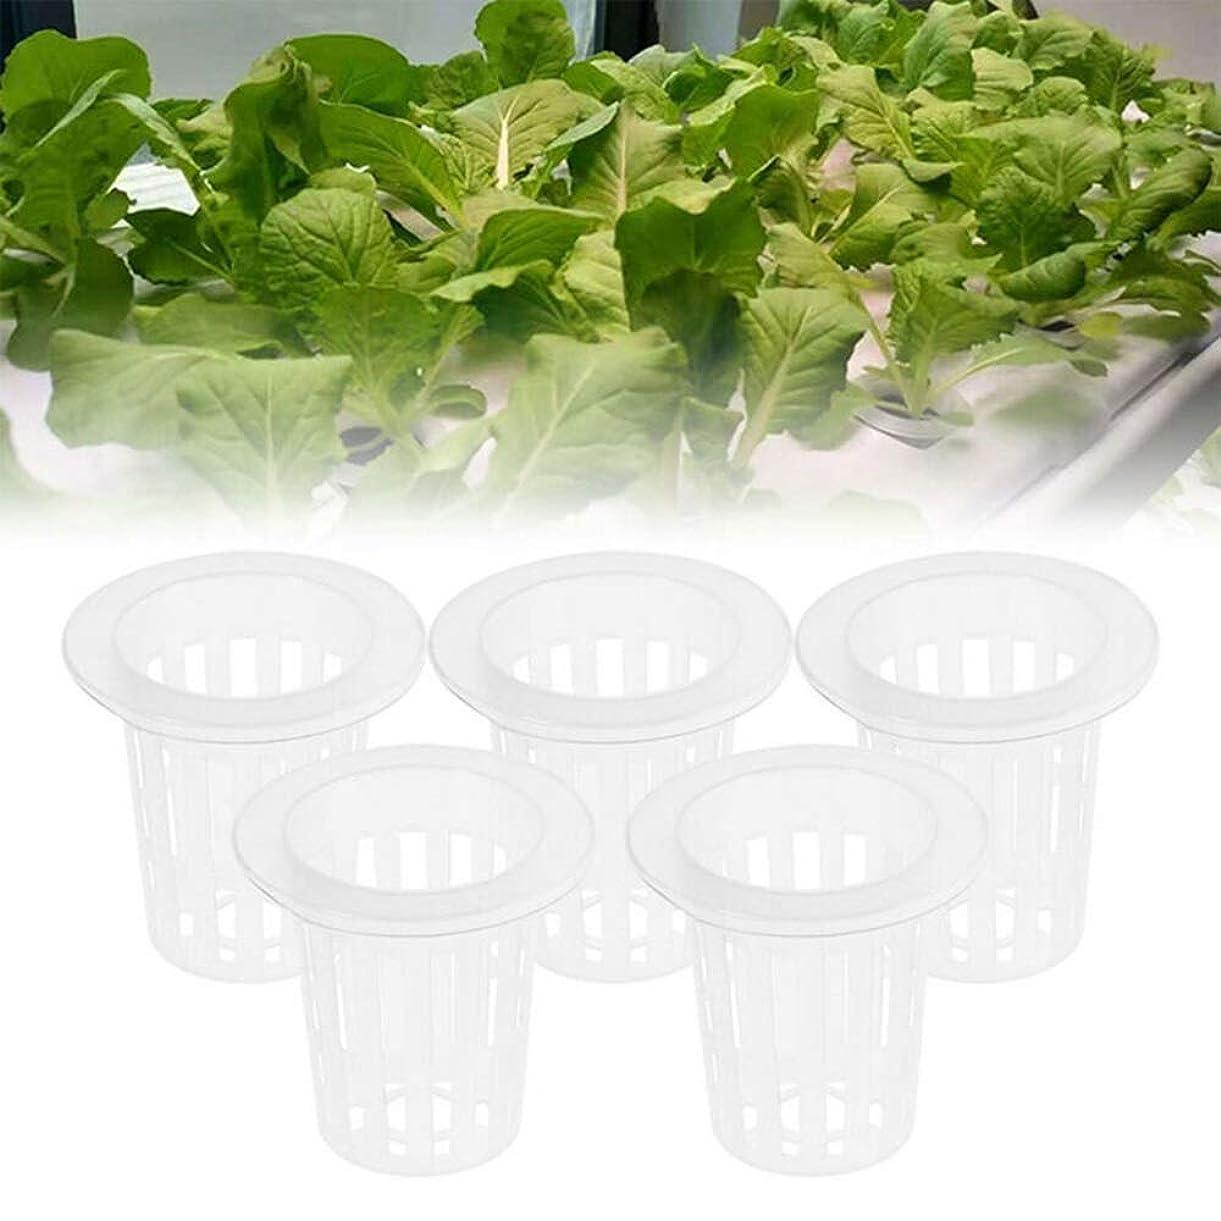 宝傷つける電気的100X野菜ネットカップスロットメッシュSoilless文化野菜ポット水耕野菜ネットカップガーデンポット&プランター